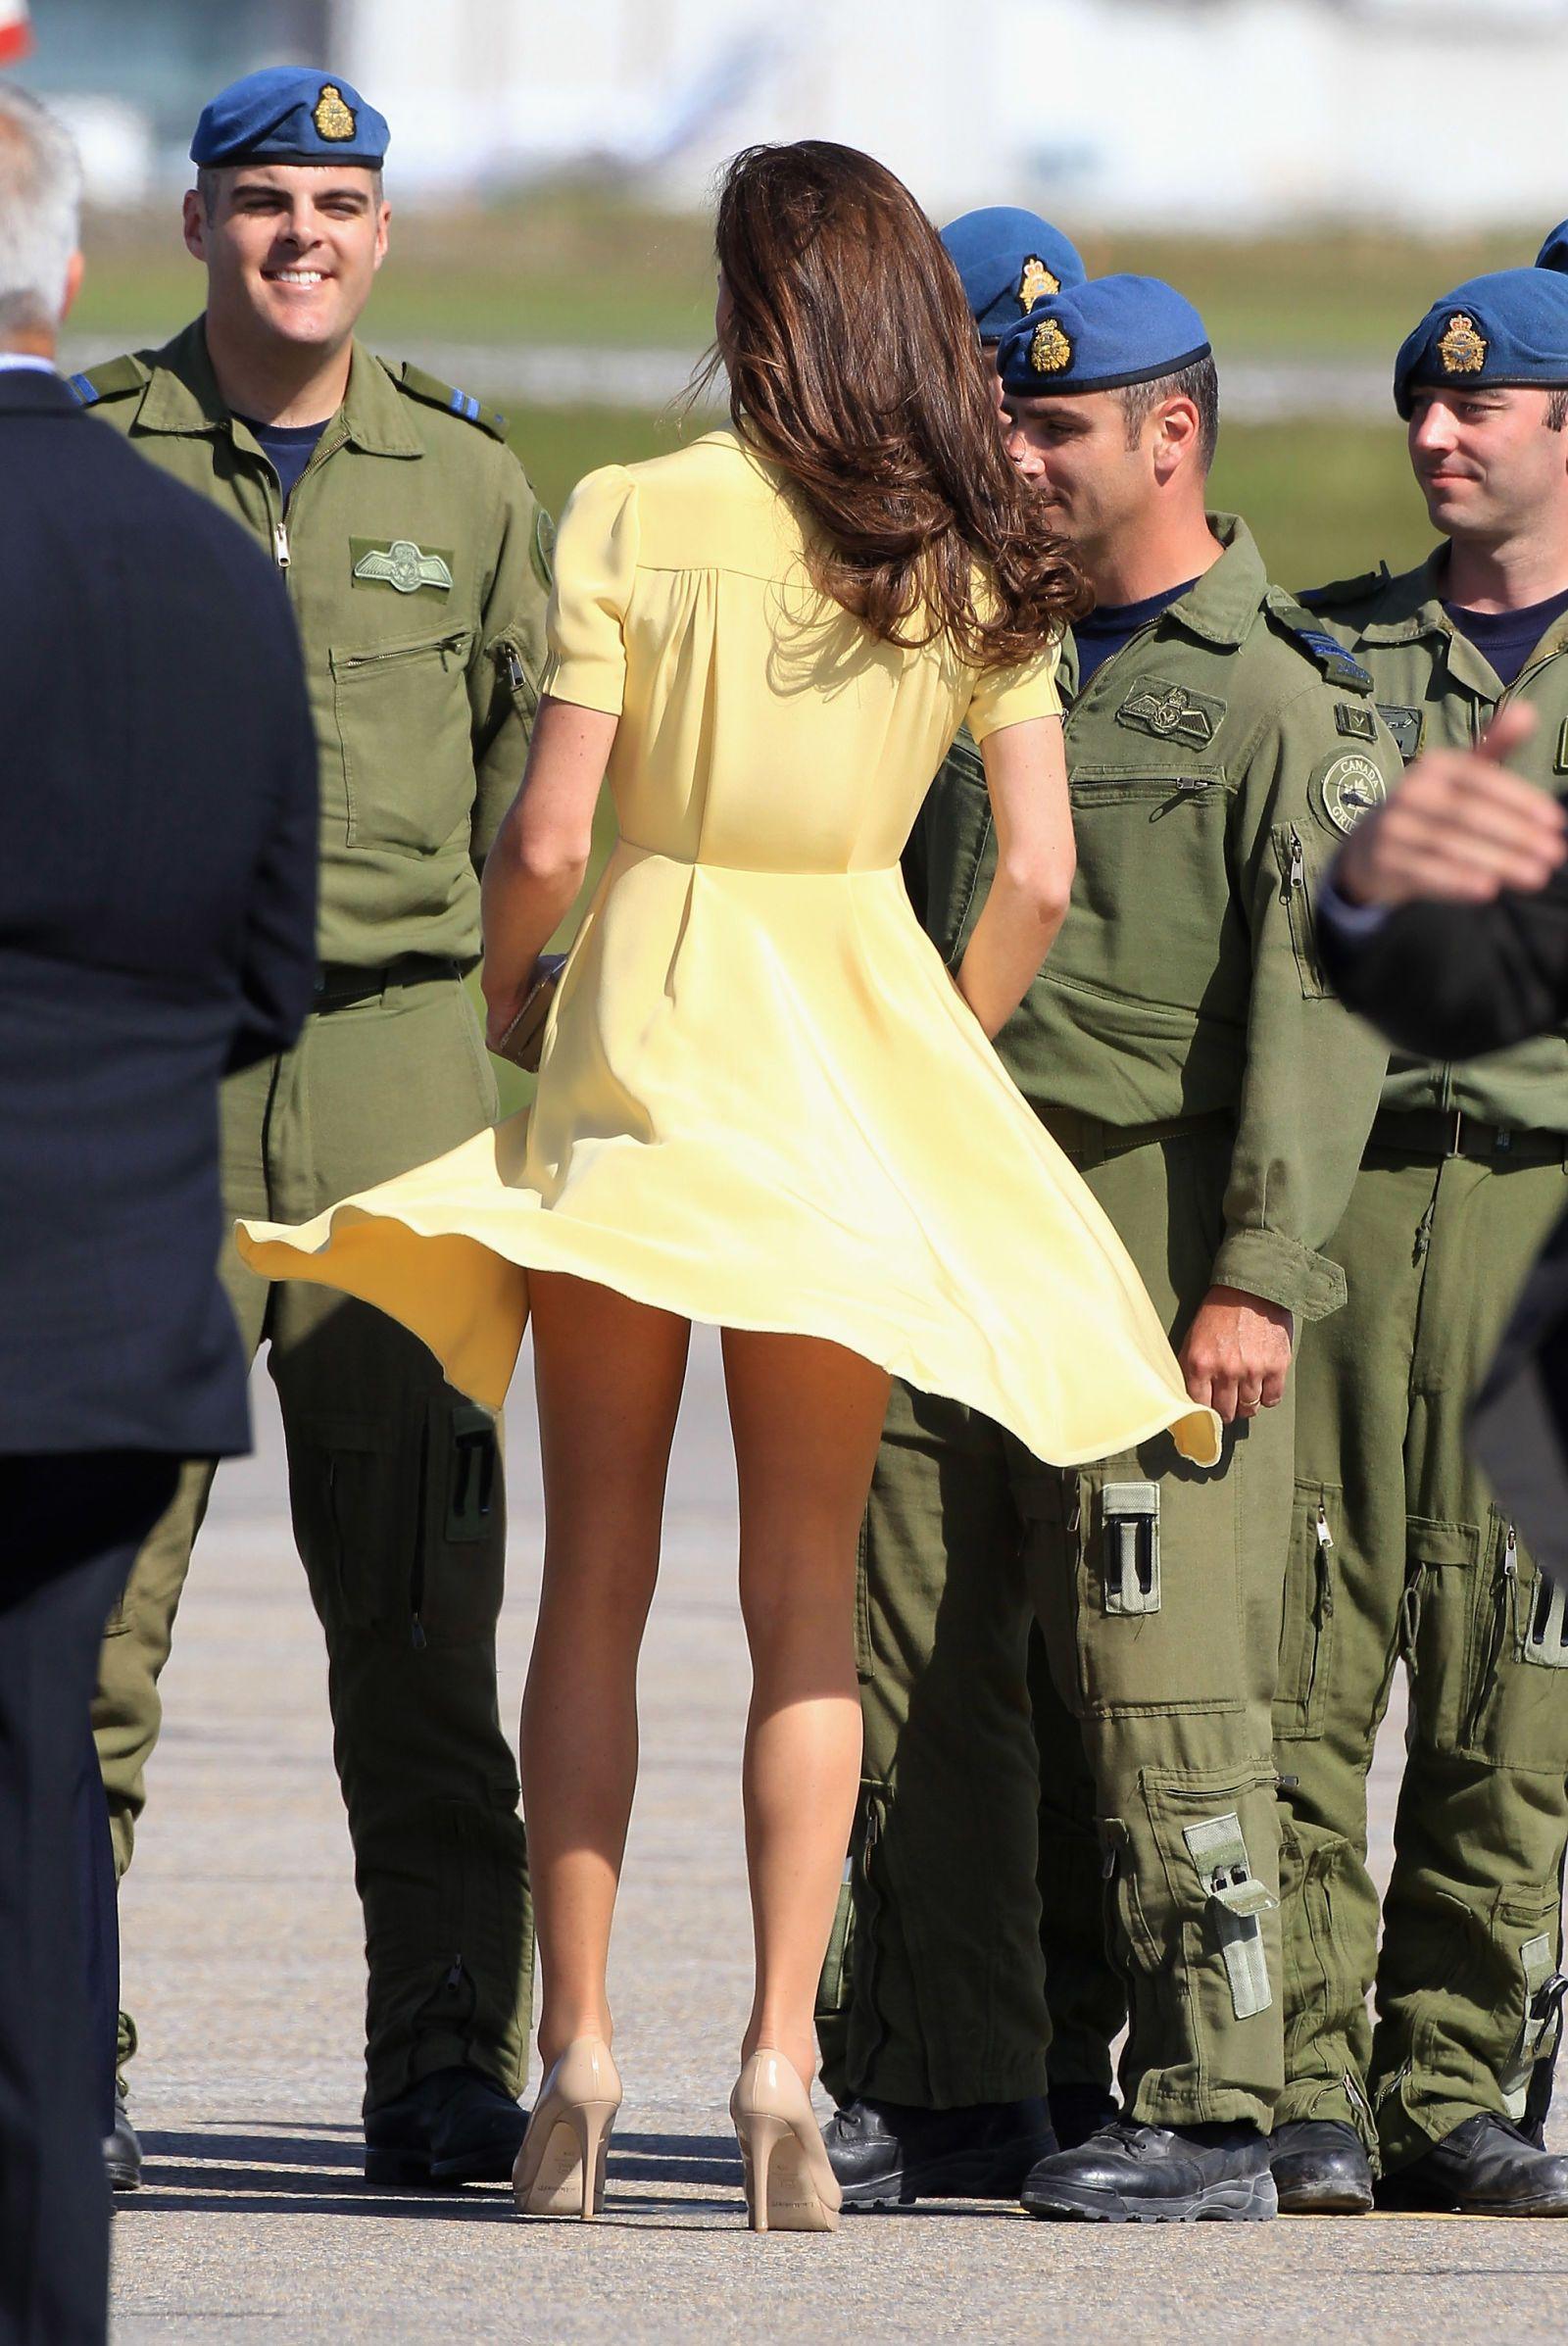 Kate middleton up skirt